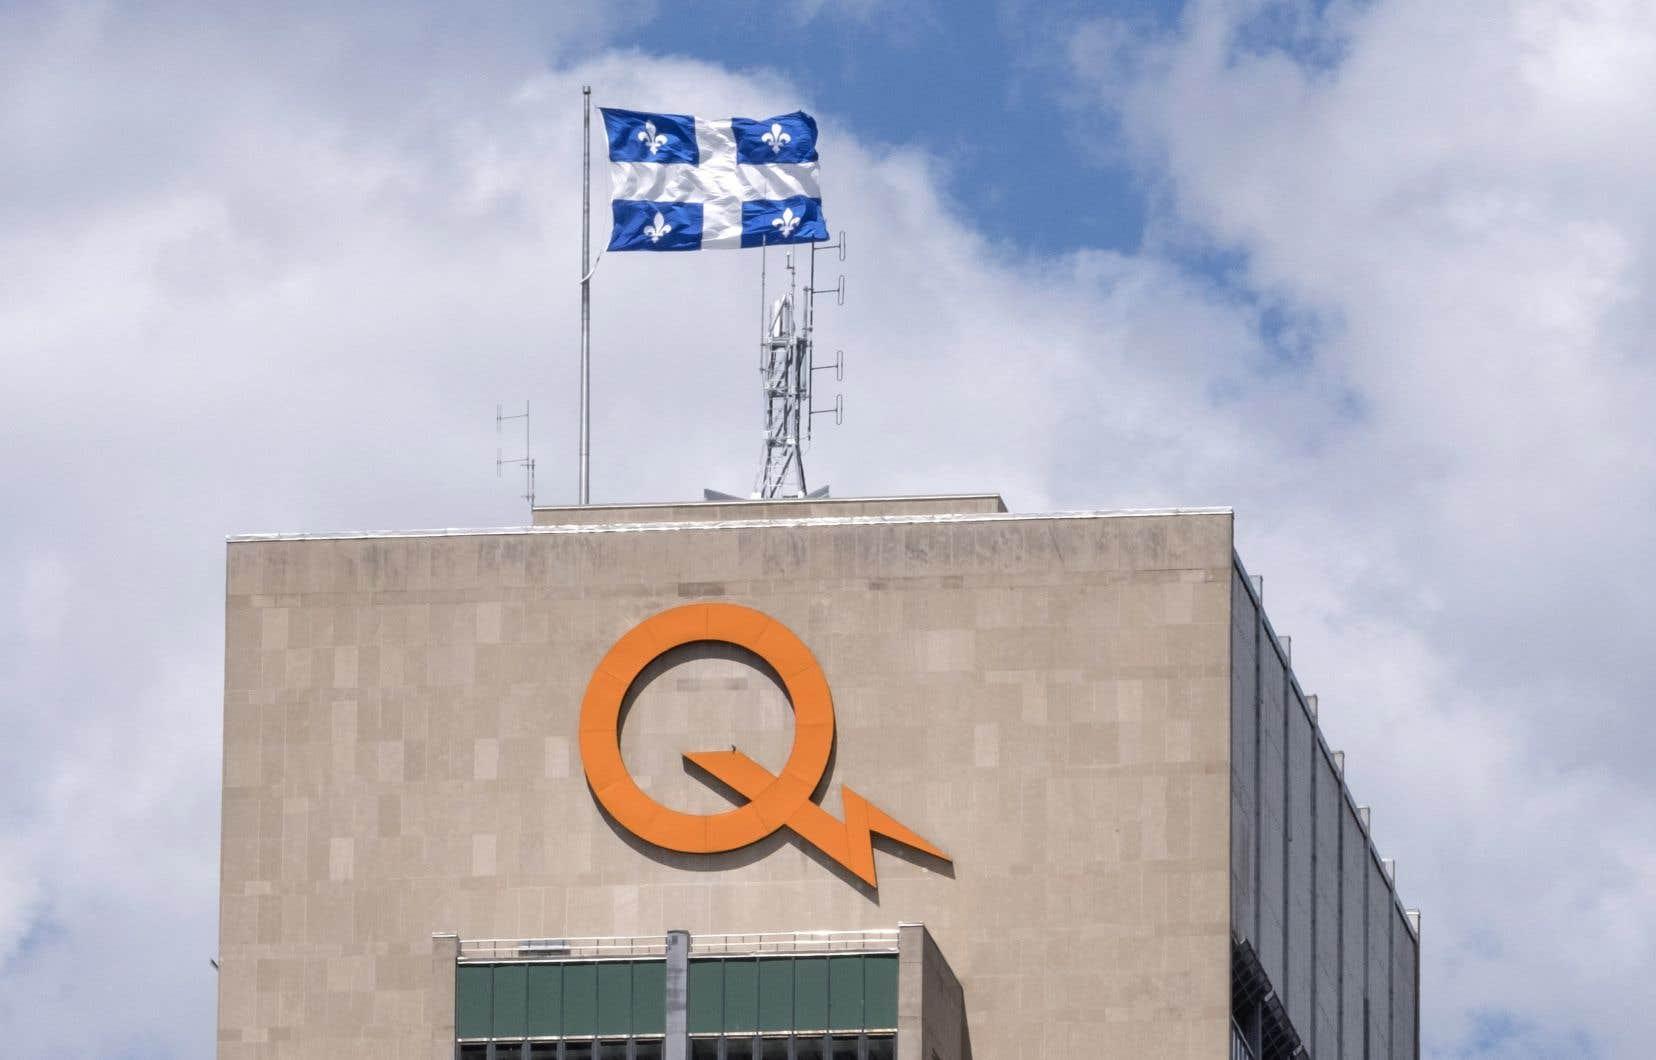 Les versements des primes aux cadres et salariés d'Hydro-Québec s'effectueront à compter du 25 avril.